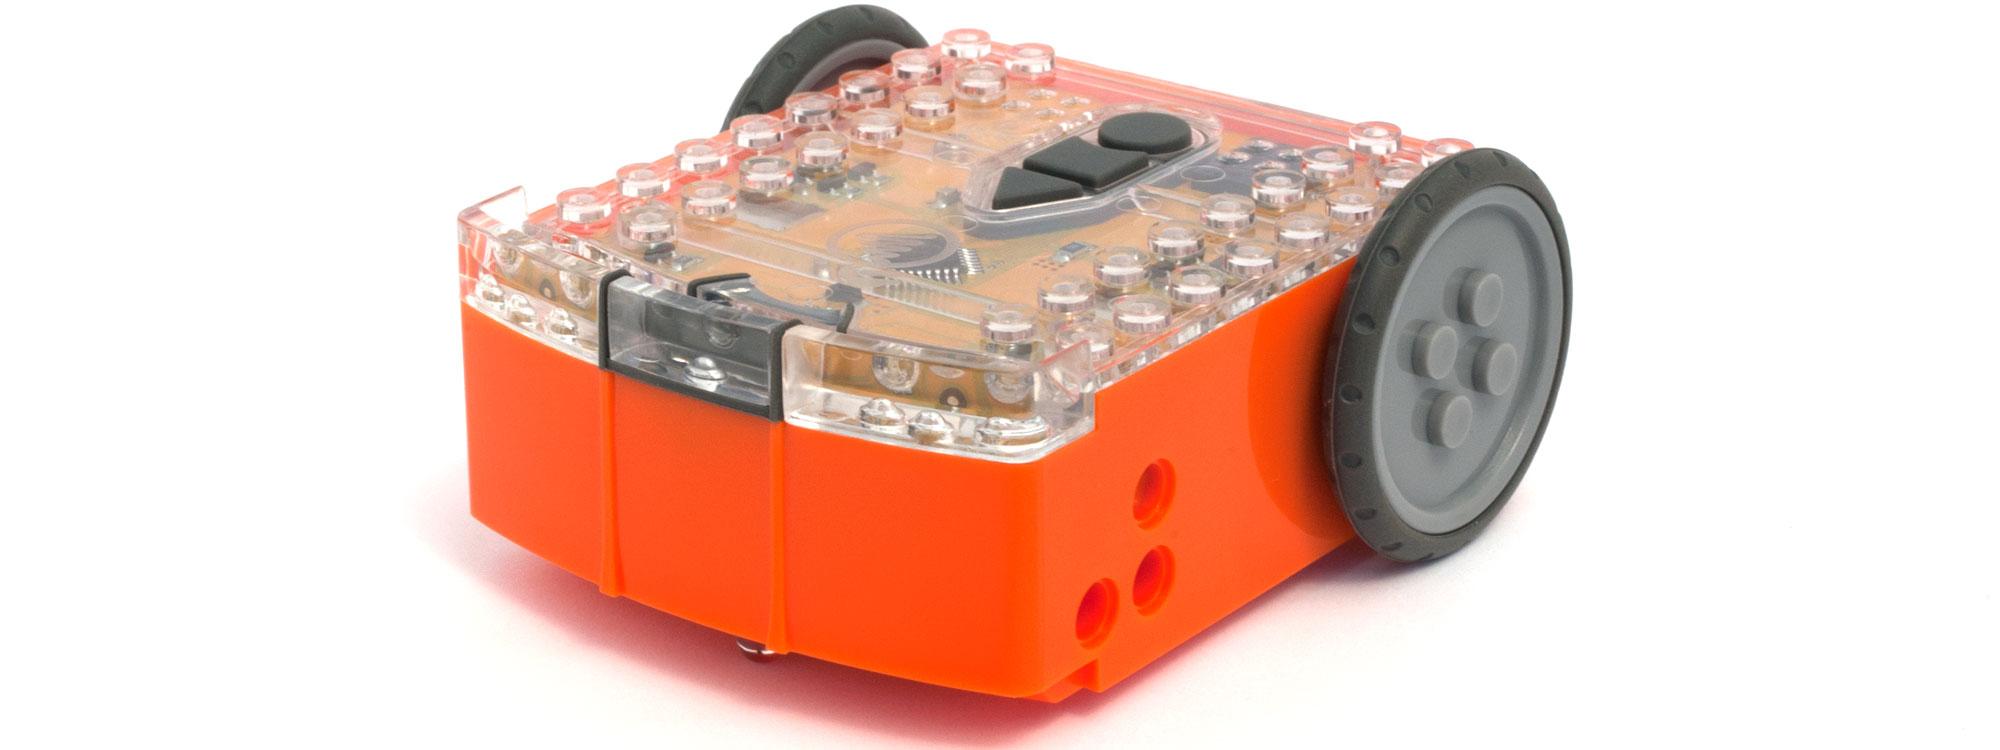 Edison robot ready to program